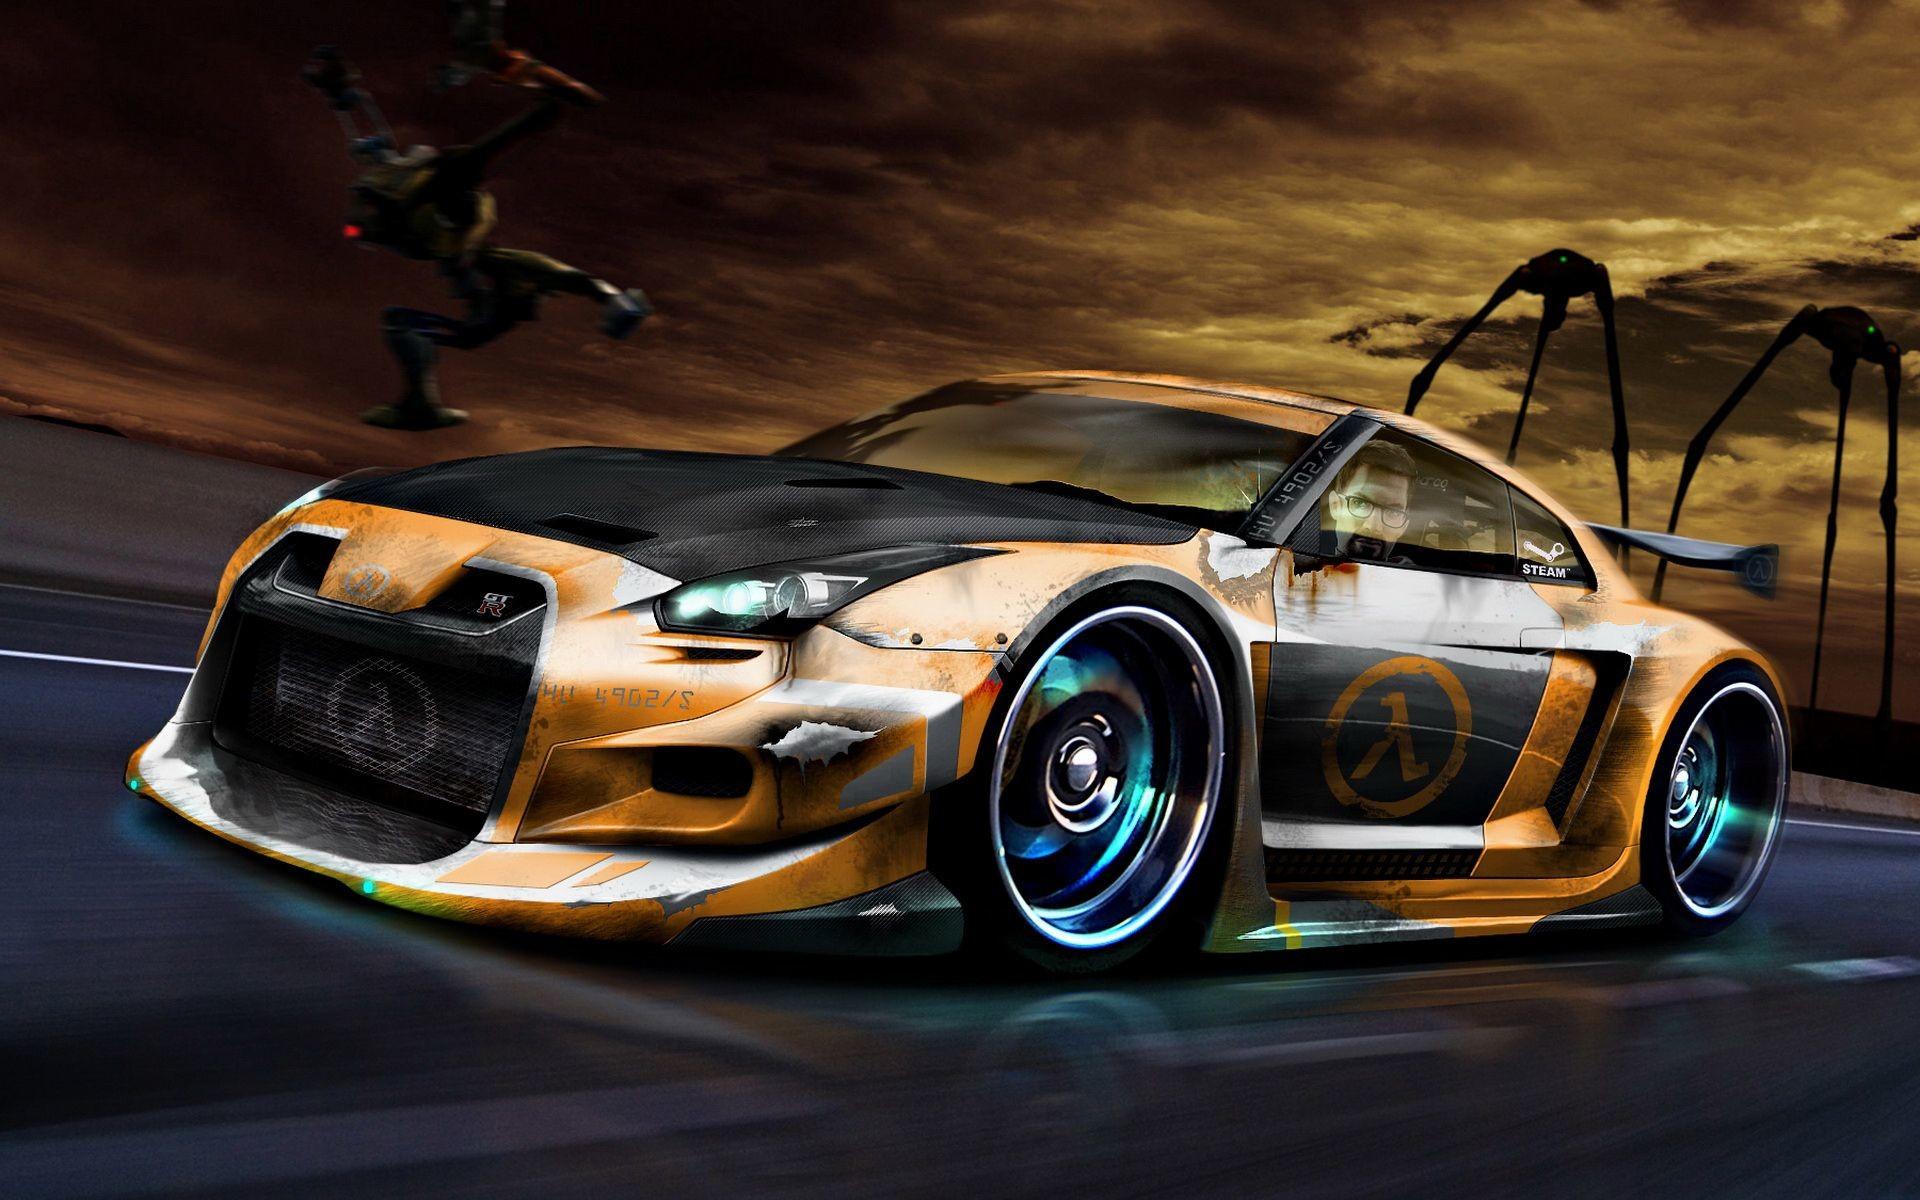 Res: 1920x1200, street racing car pics   Cool sports car wallpaper Auto desktop background